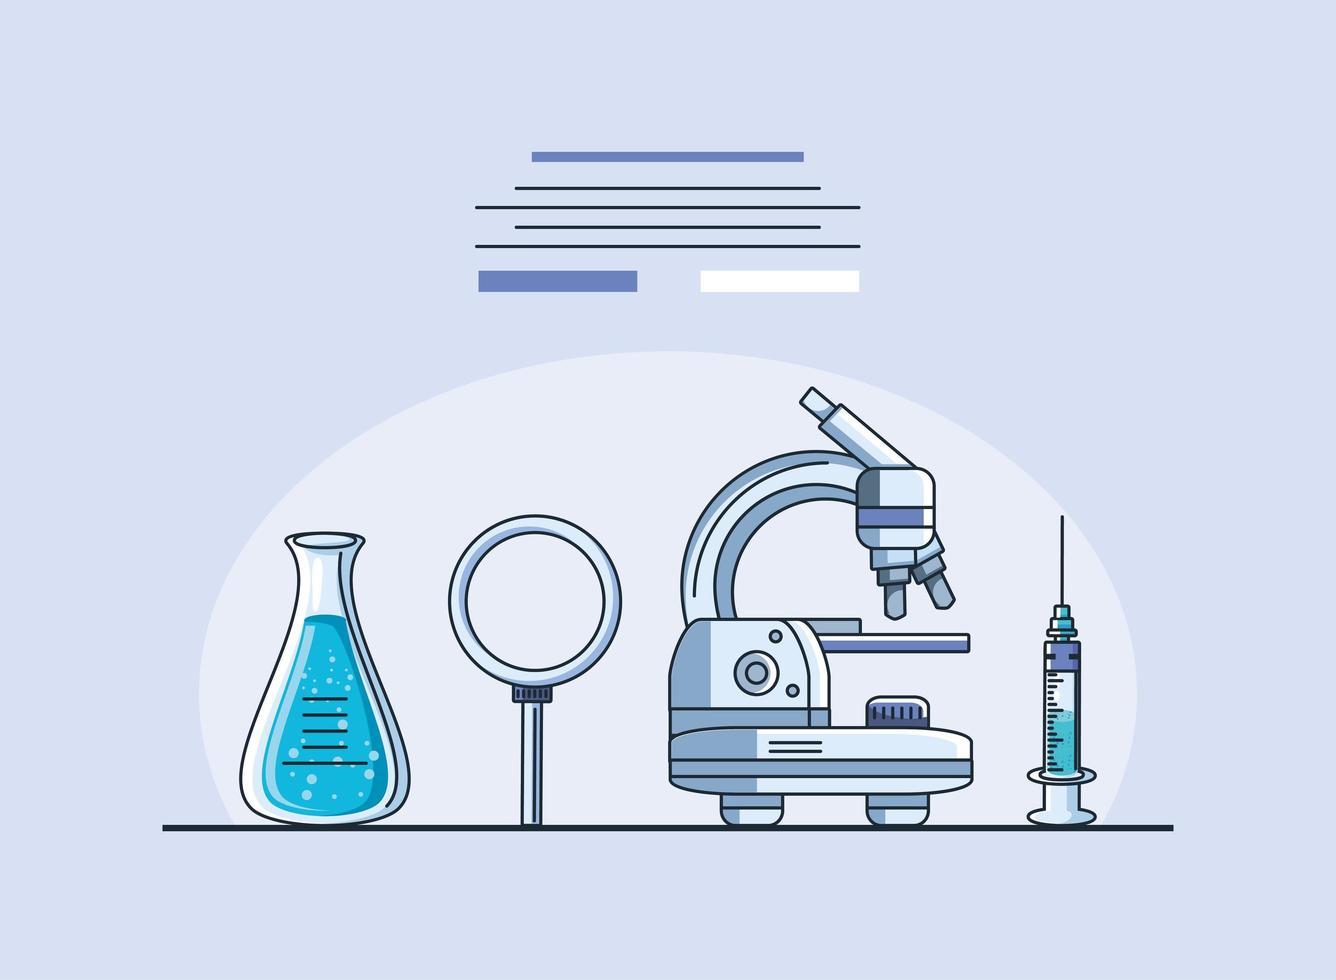 artículos de laboratorio, investigación de coronavirus vector